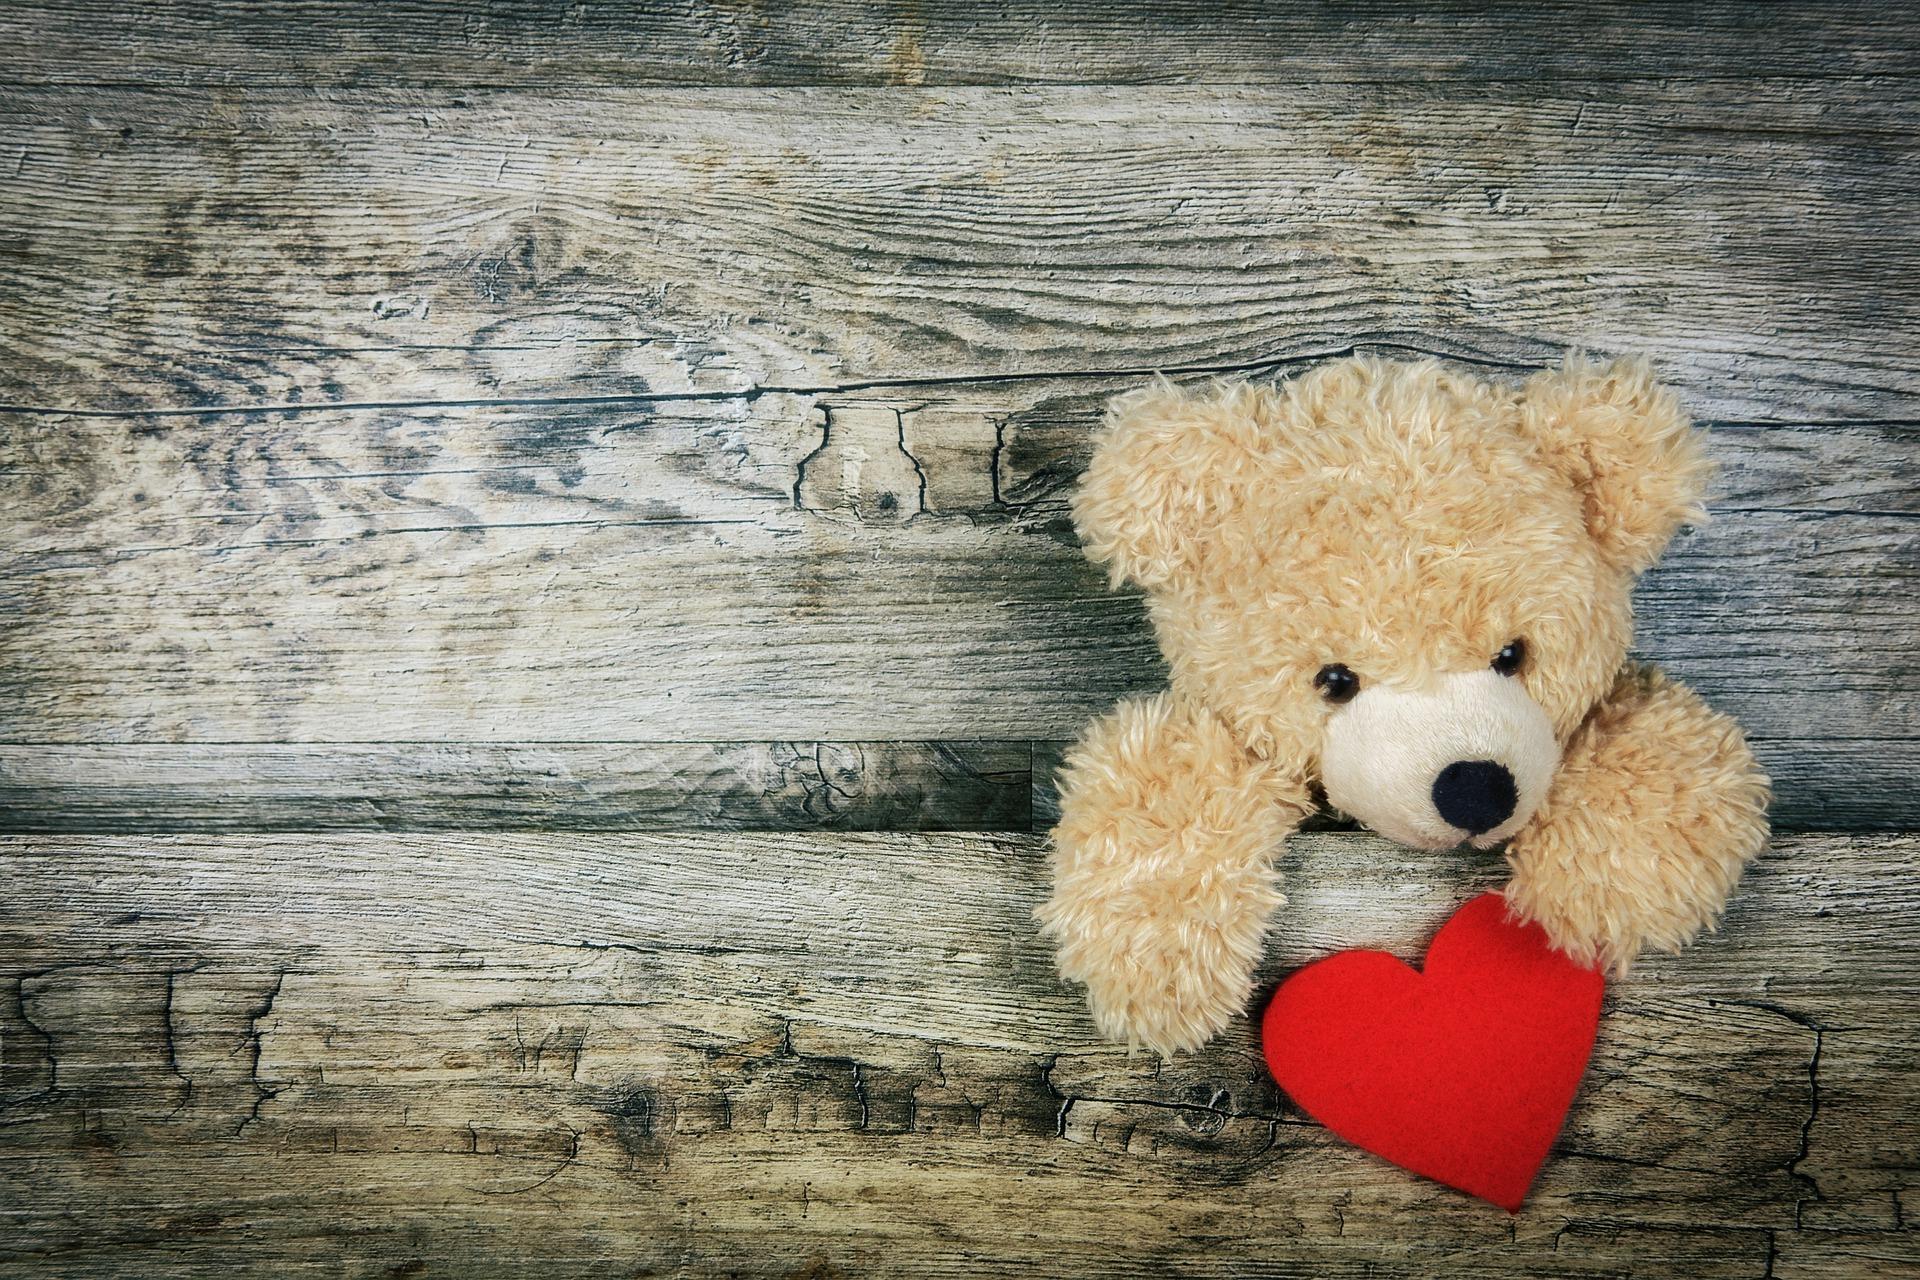 heart-3096380_1920.jpg